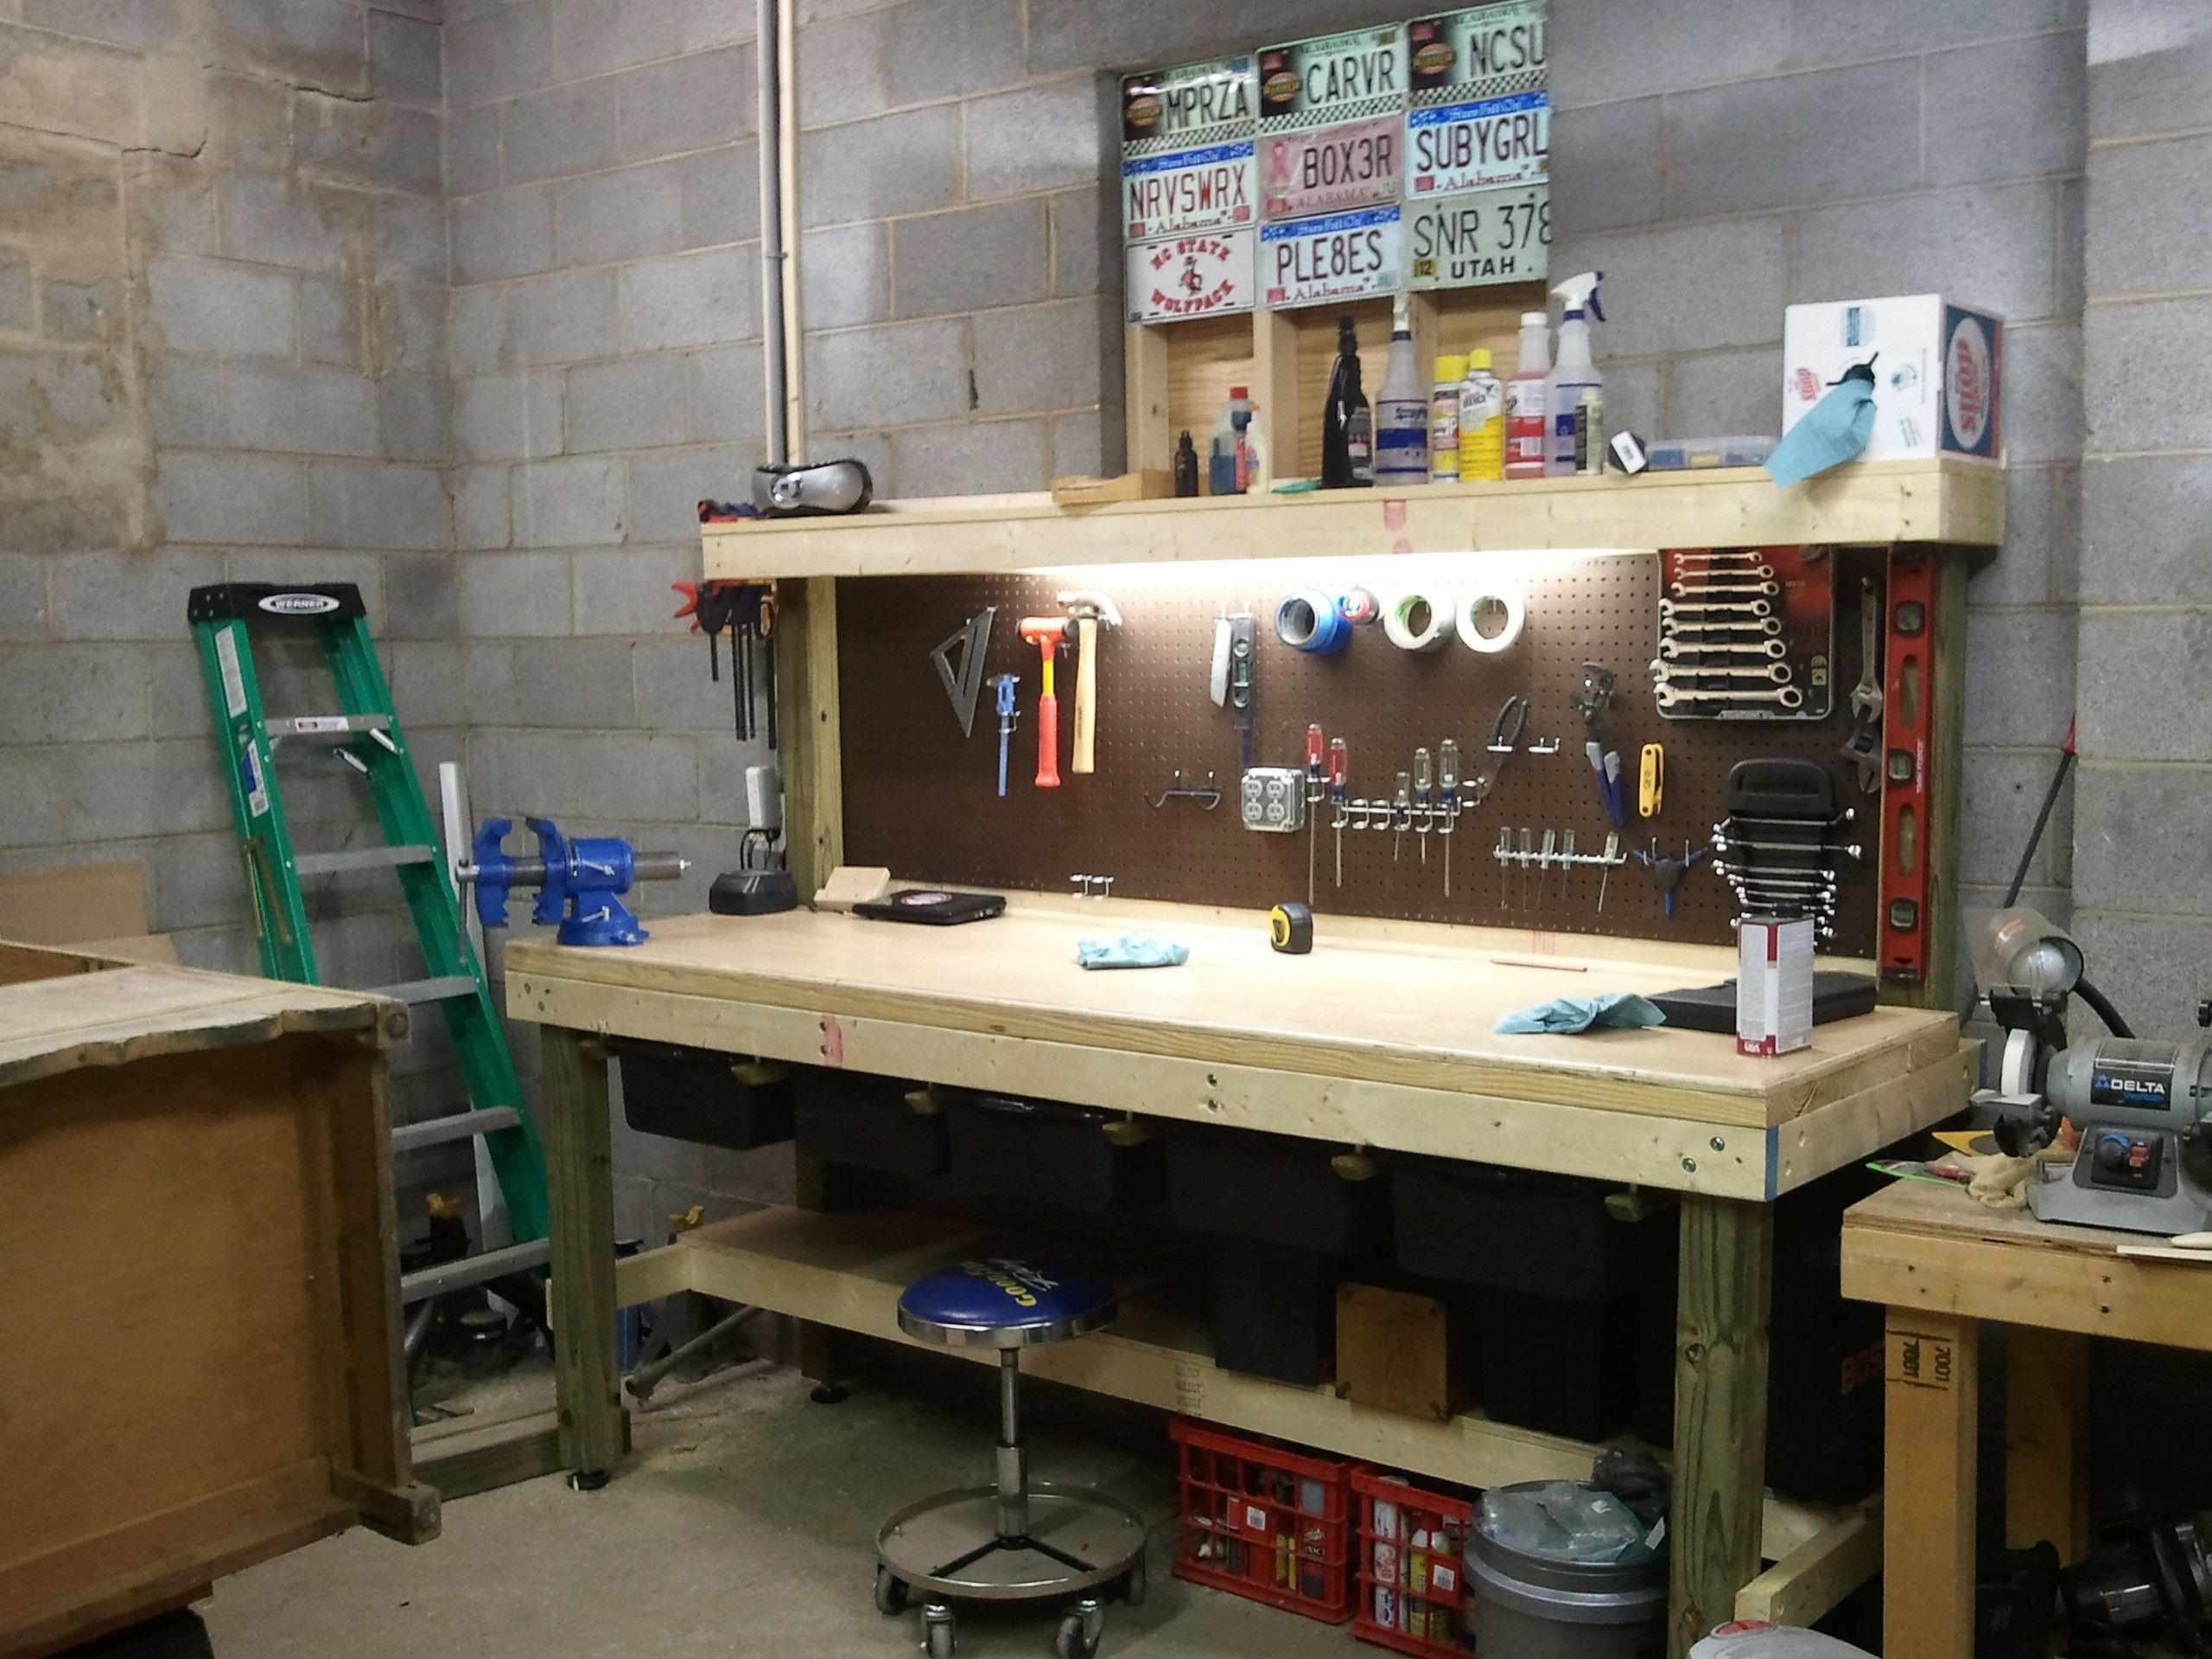 My Overbuilt Behemoth Garage Workbench Garage Work Bench